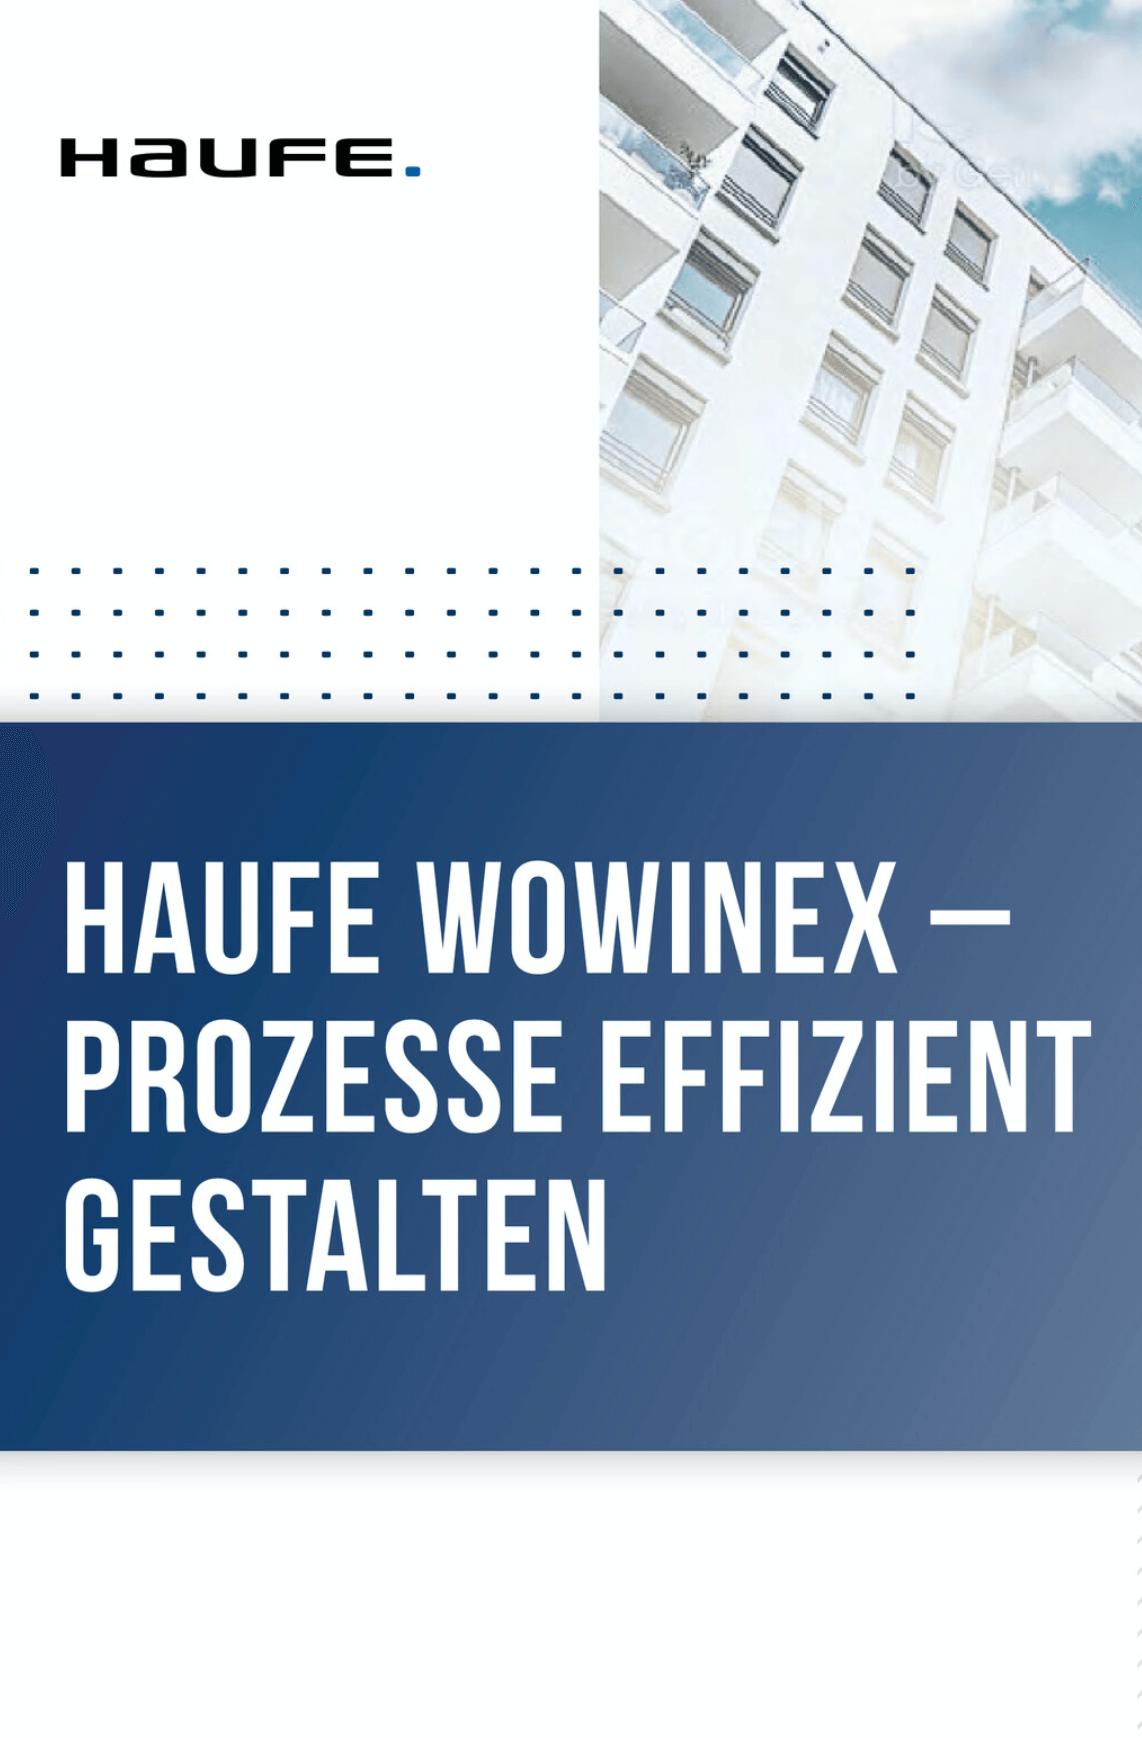 Produktbroschüre Haufe Wowinex für Immobilienverwalter